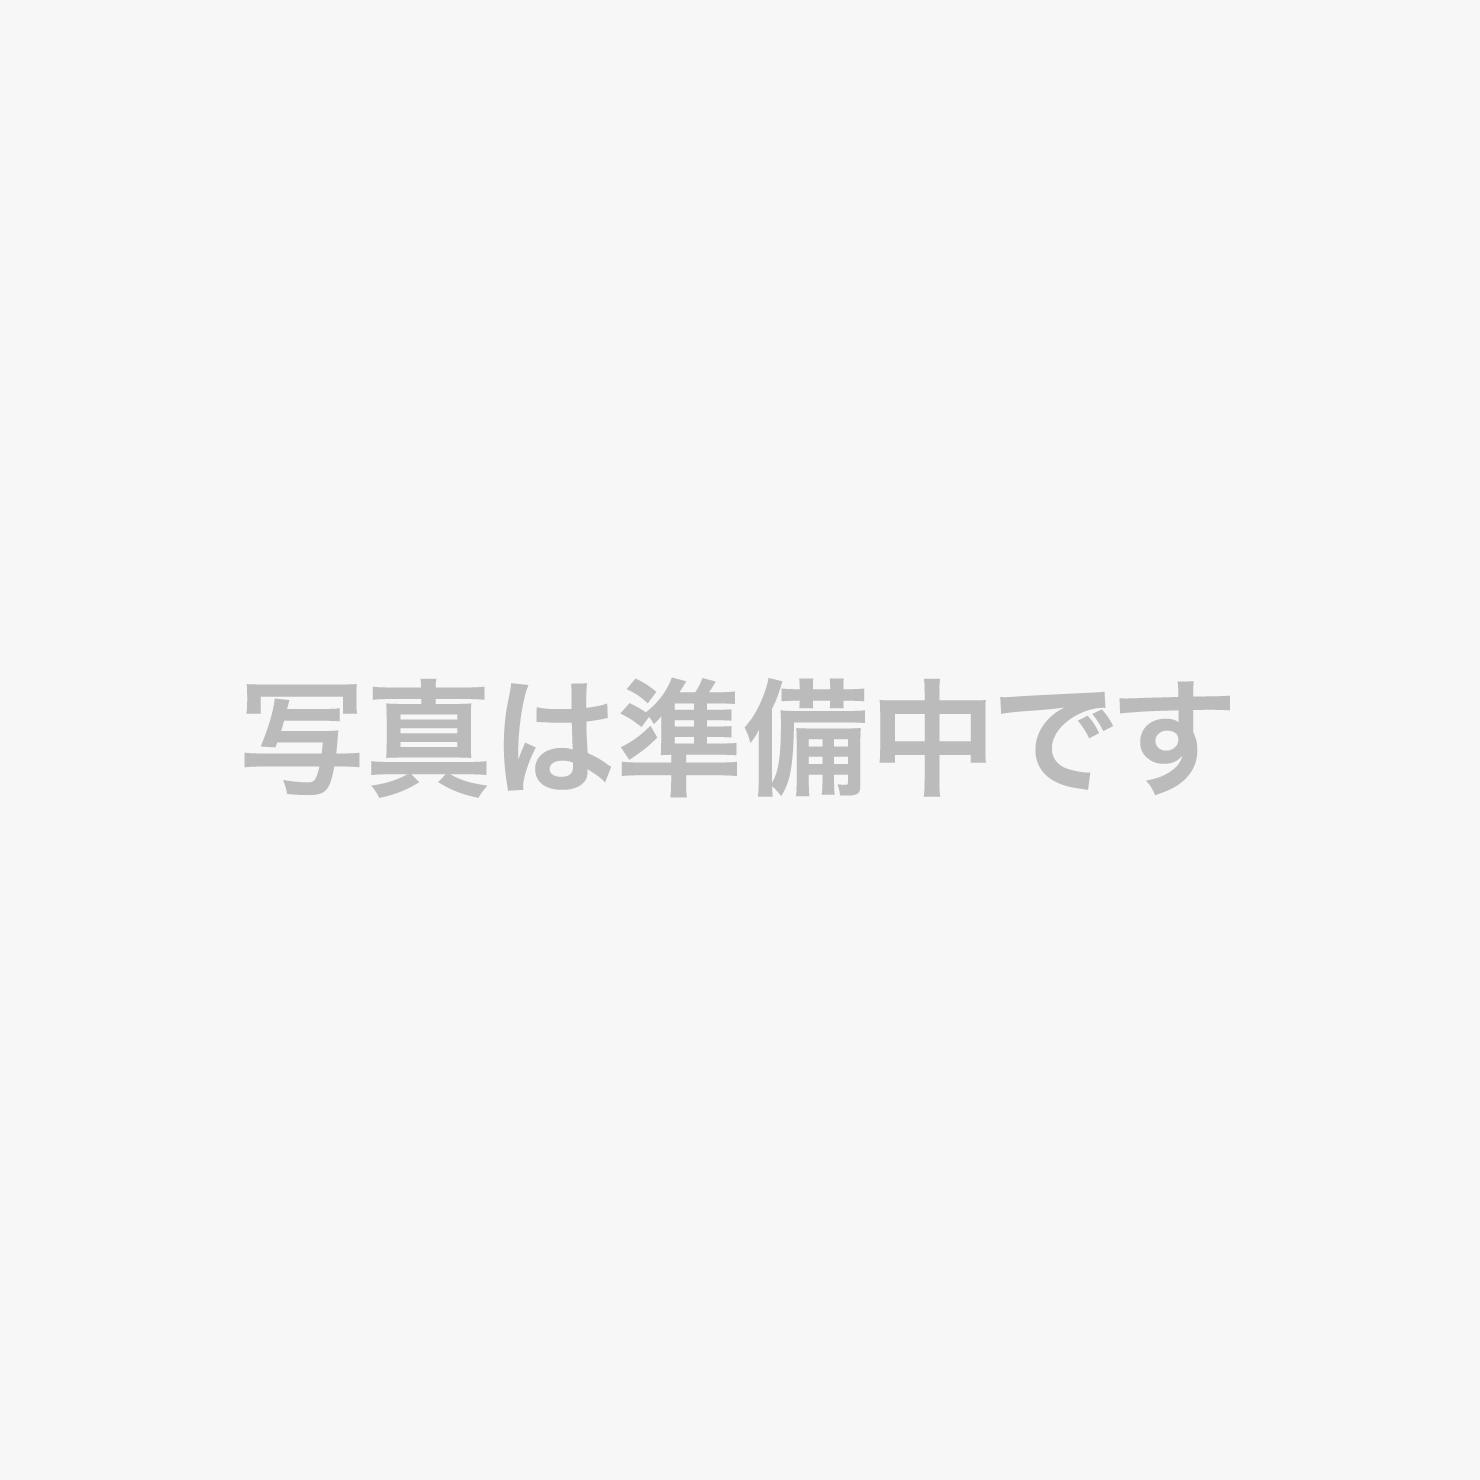 2020年秋の料理フェア【秋の伊勢路 大収穫祭バイキング】9/1~11/30まで【サザエのつぼ焼き】